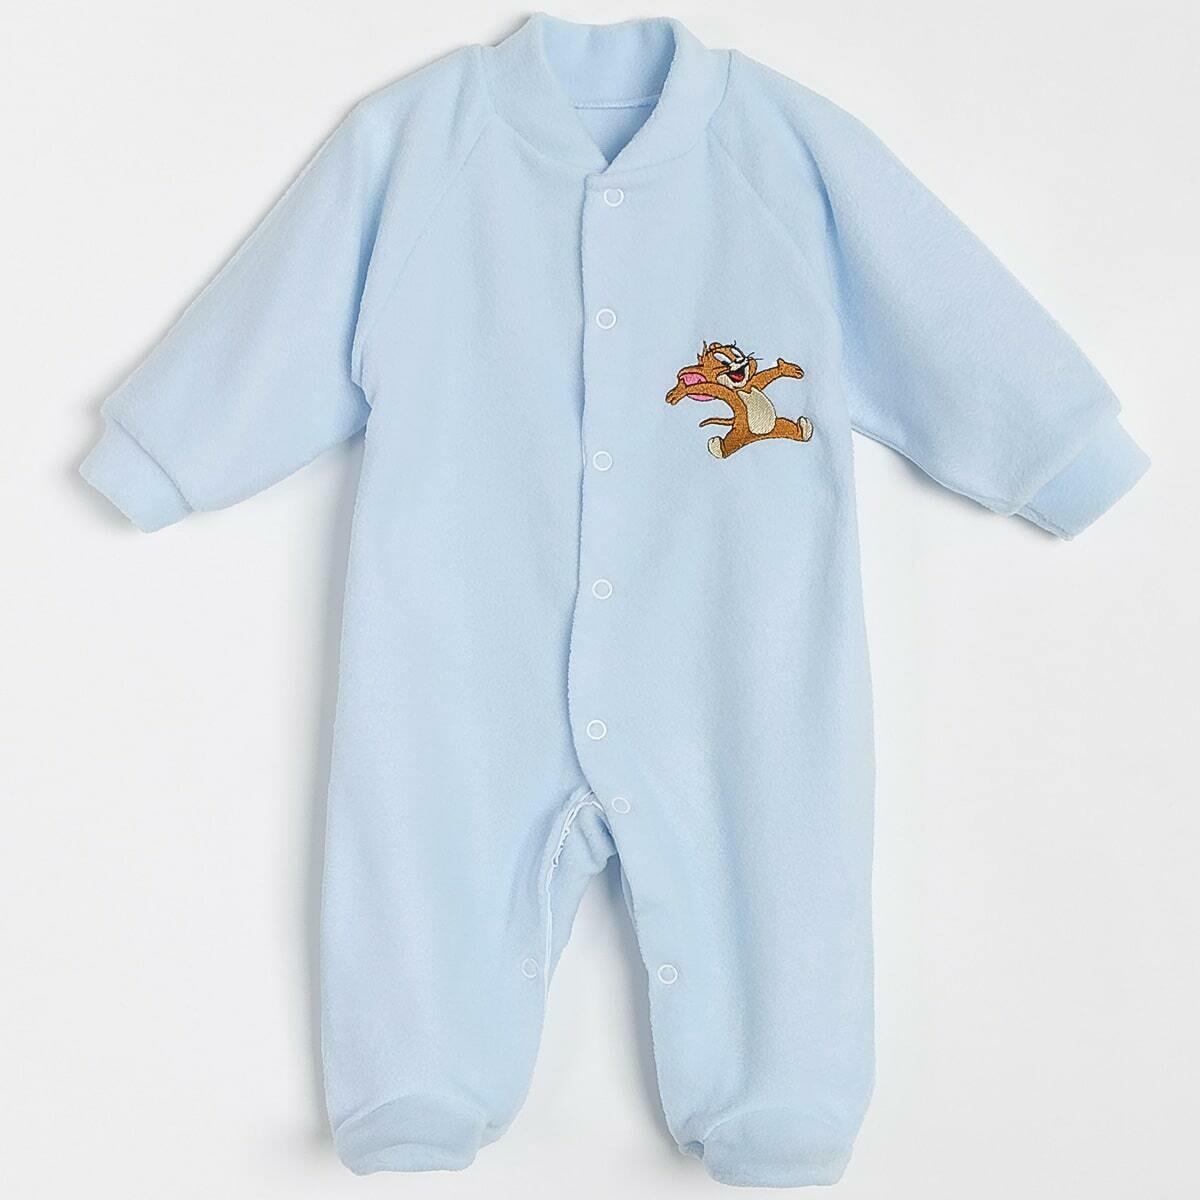 Комбинезон с вышивкой, кнопки под памперс, флис, голубой